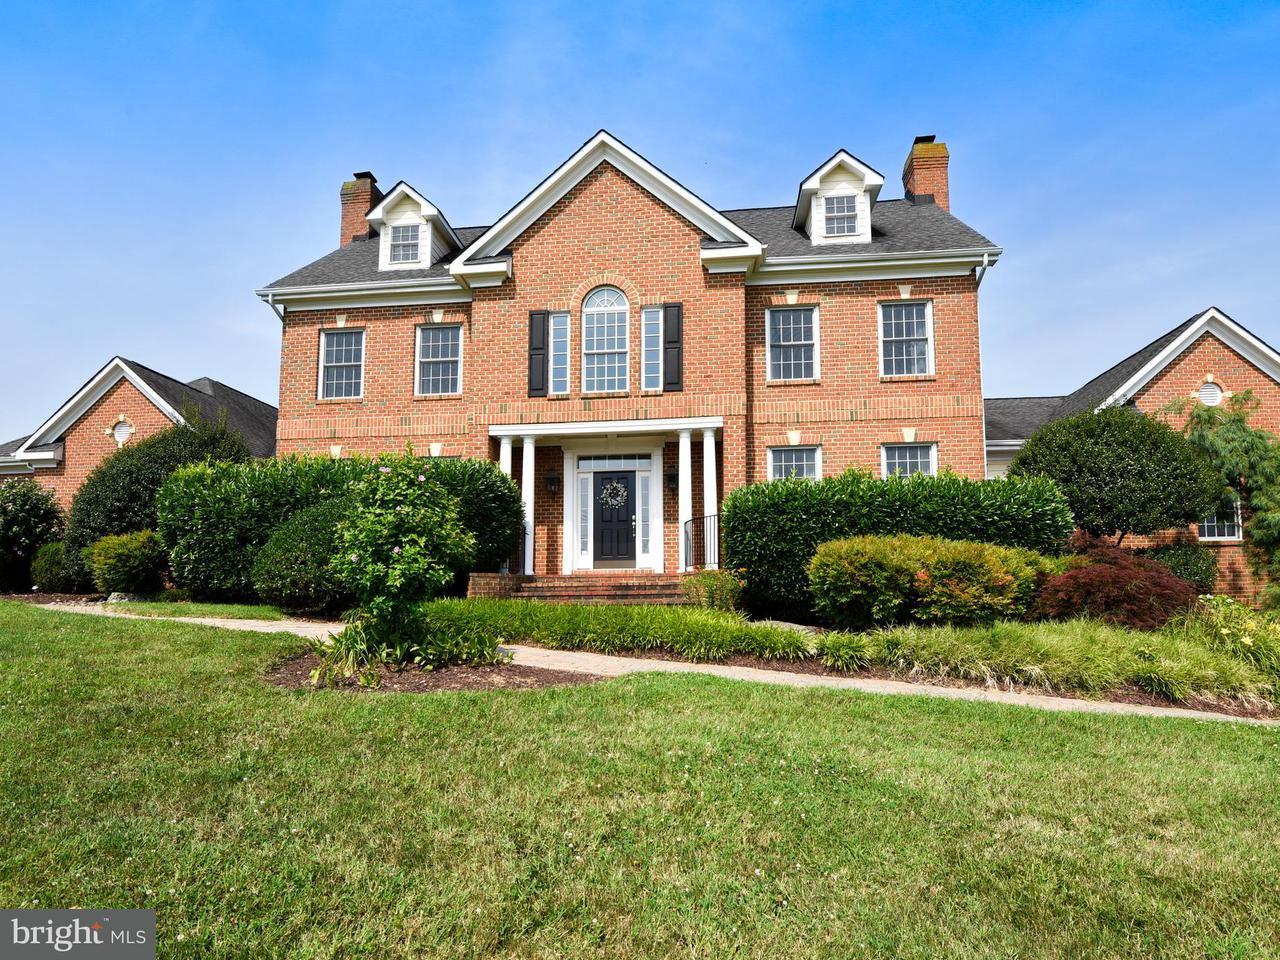 Einfamilienhaus für Verkauf beim 1100 THOMAS SWANN Lane 1100 THOMAS SWANN Lane Davidsonville, Maryland 21035 Vereinigte Staaten